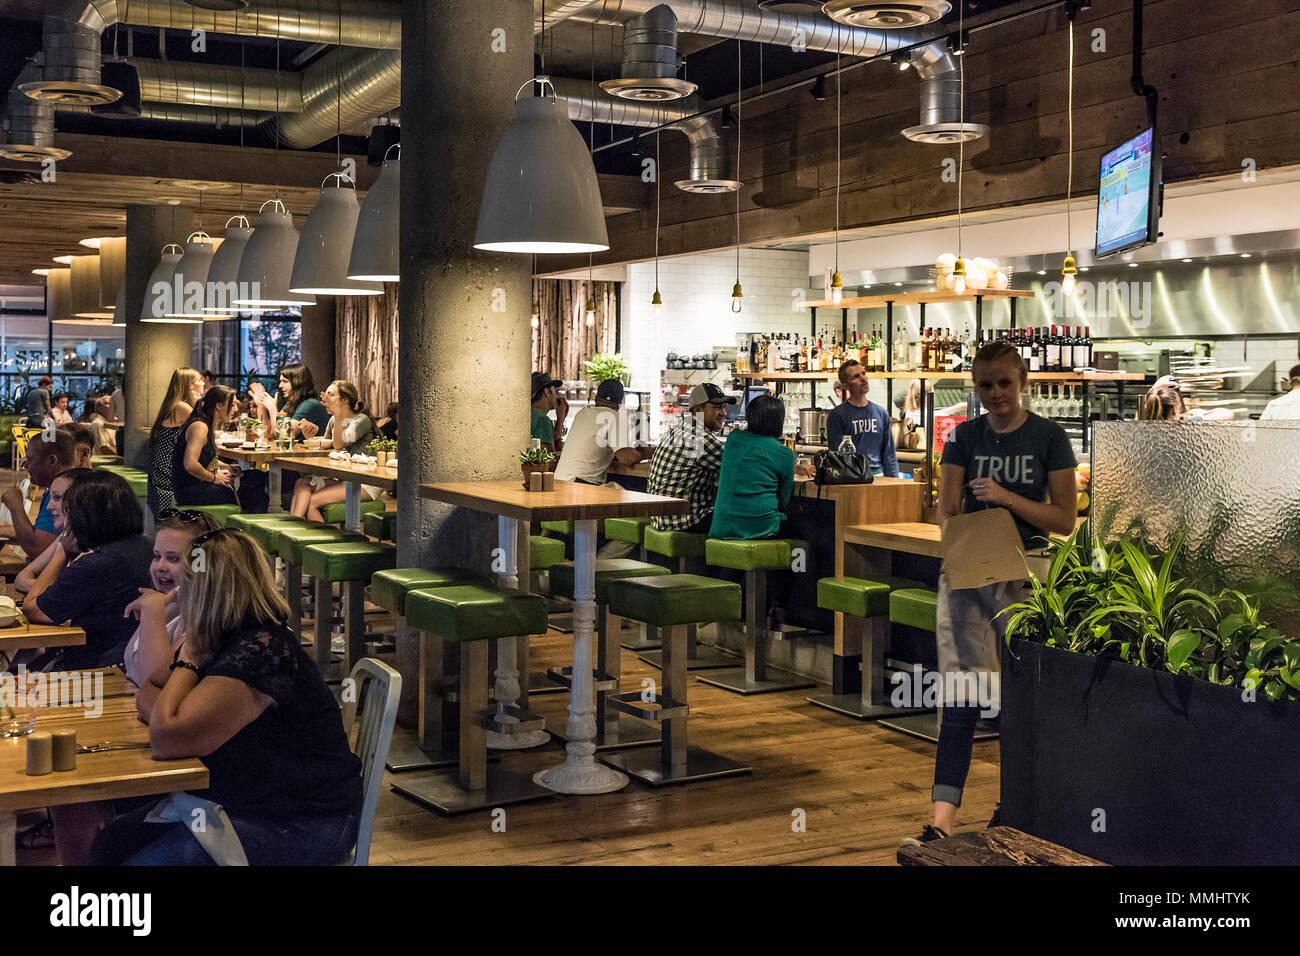 Vero cibo ristorante di cucina, Denver Colorado, Stati Uniti d'America. Immagini Stock